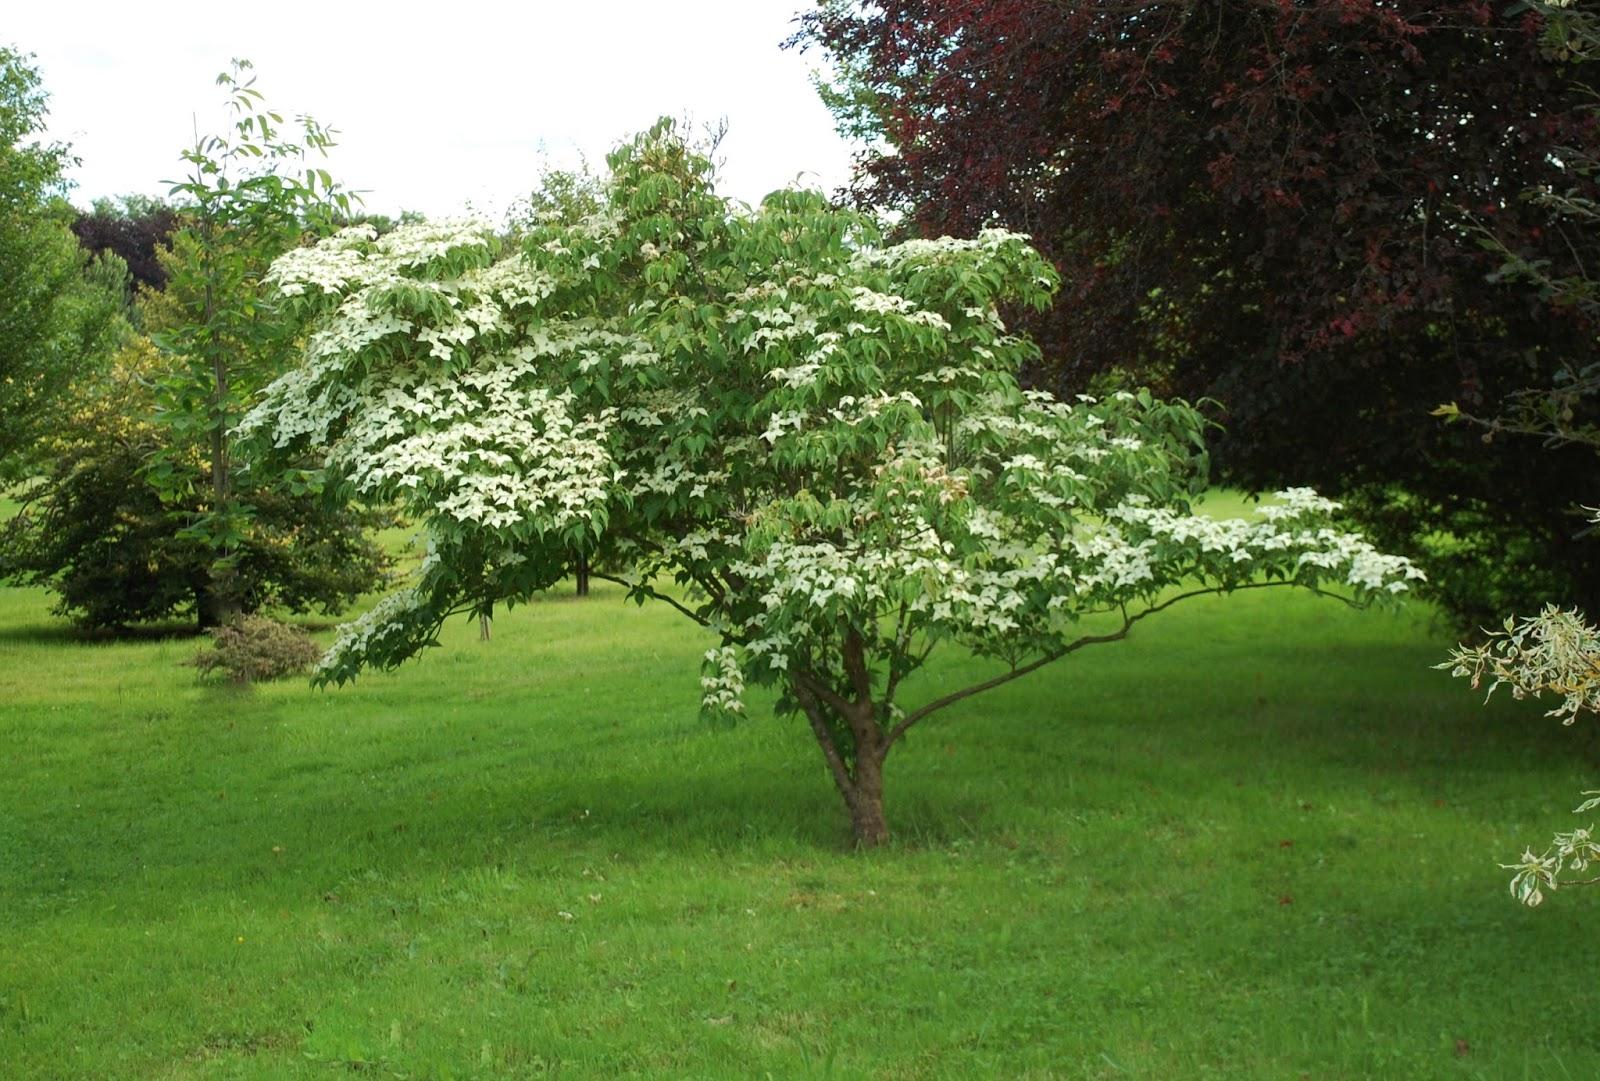 arboretum adeline apres les trombes d 39 eau la chaleur. Black Bedroom Furniture Sets. Home Design Ideas